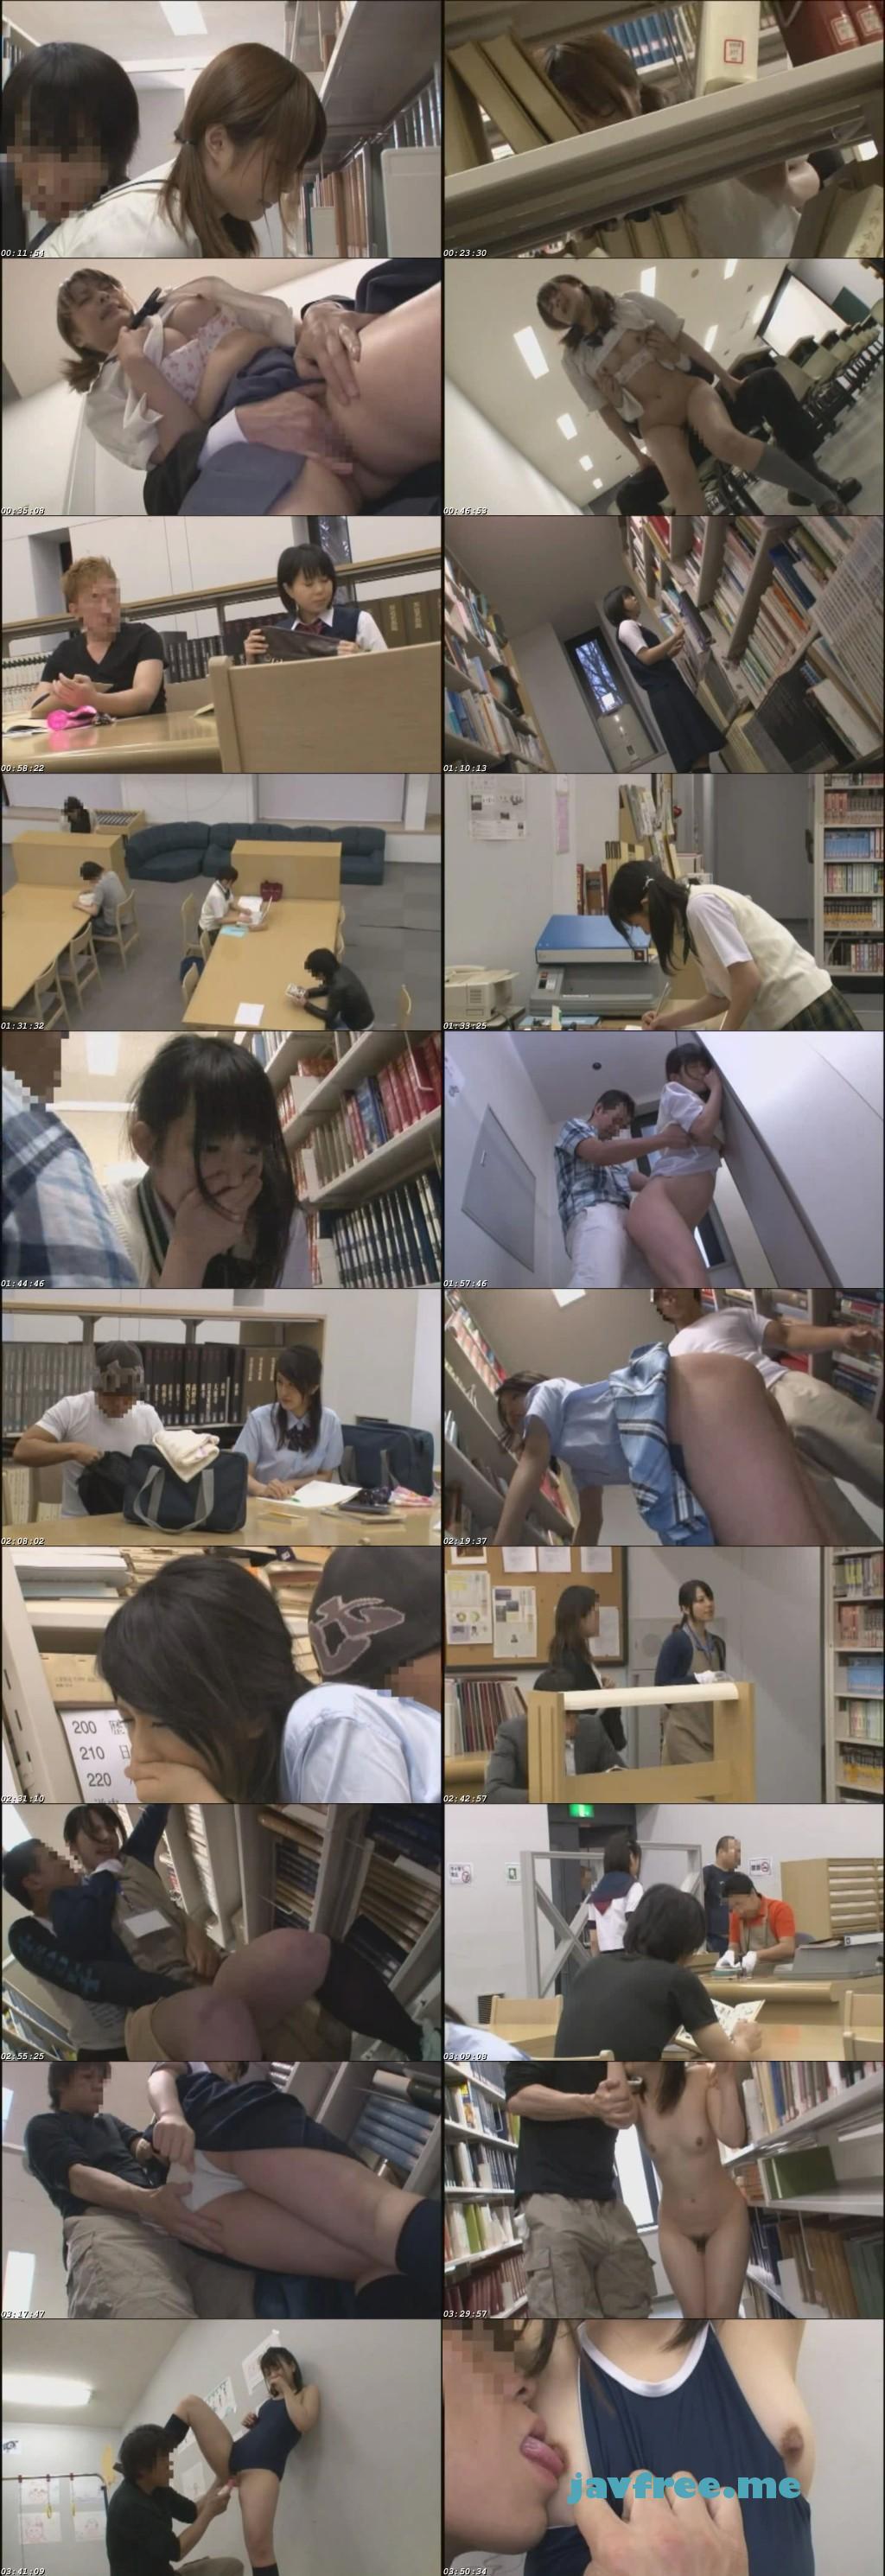 [DVD][NHDTA 268] 図書館で声も出せず糸引くほど愛液が溢れ出す敏感娘 10 図書館で声も出せず糸引くほど愛液が溢れ出す敏感娘 NHDTA